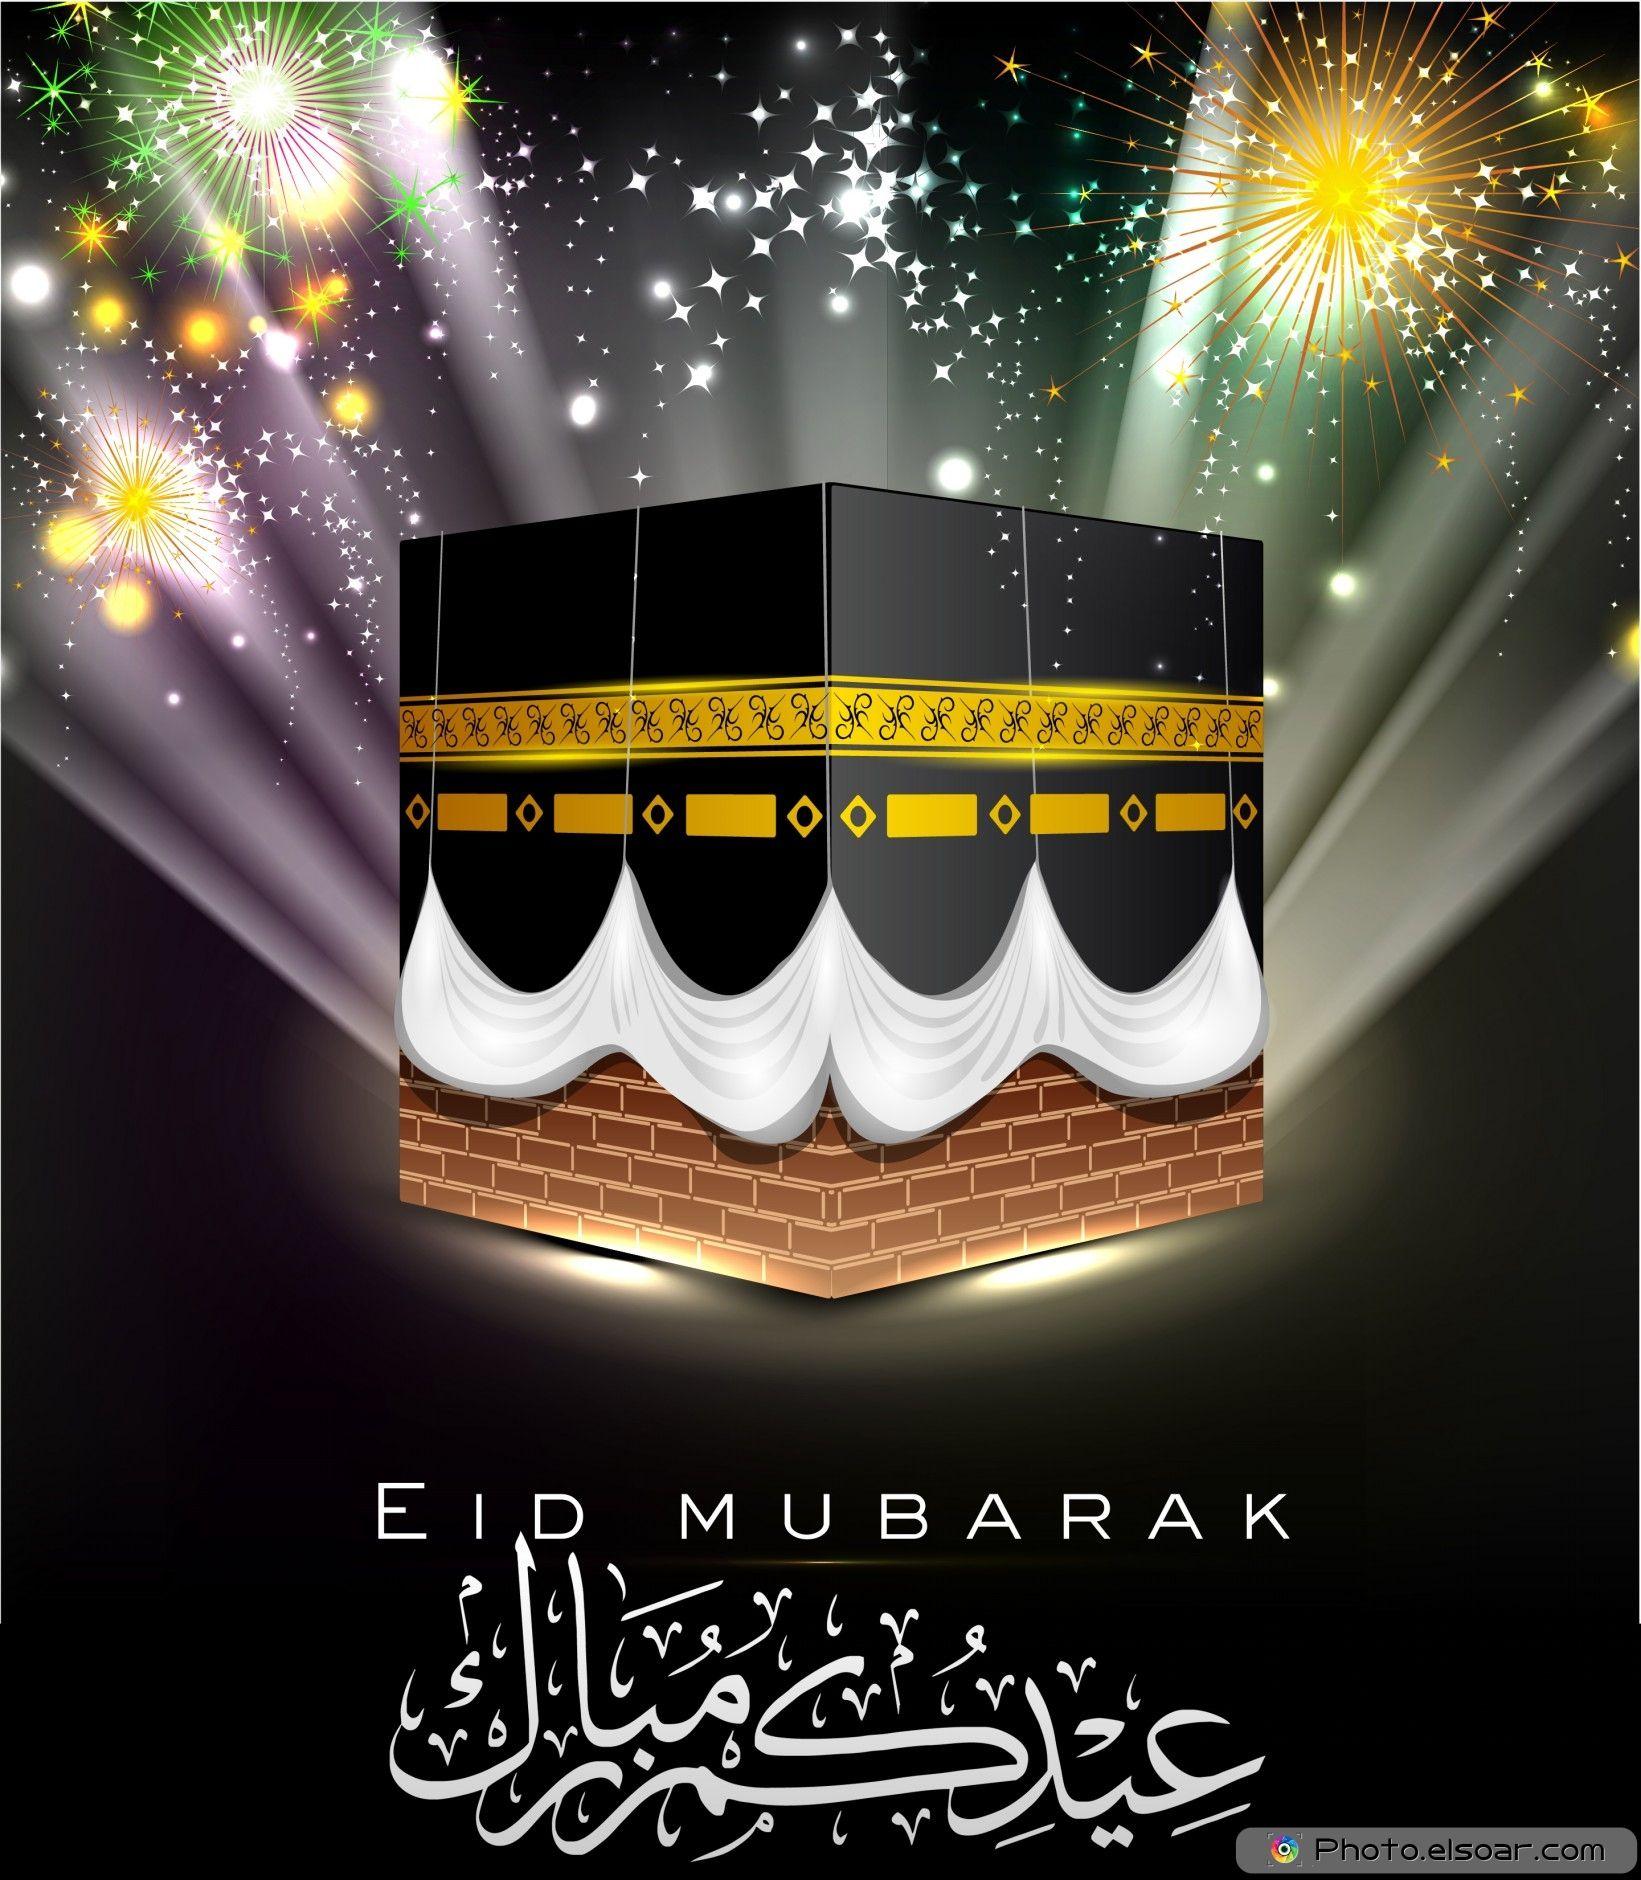 Kutlama Icin Kabe Eid Mubarek Eid Mubarak Wishes Eid Al Adha Greetings Happy Eid Mubarak